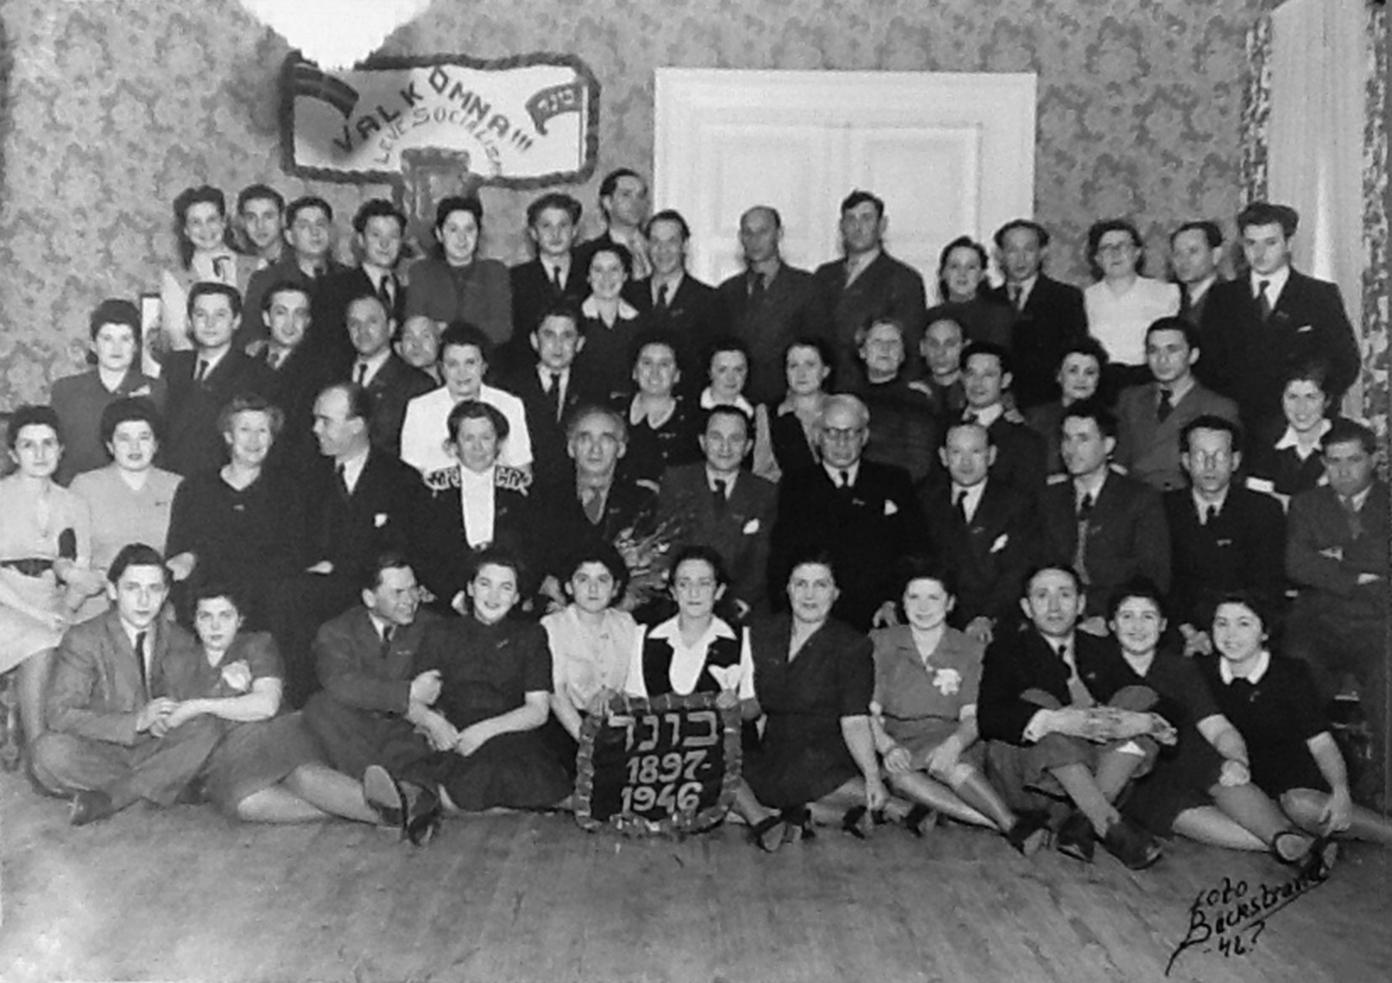 """Bundhemmet i Mälarbaden, Torshälla, i mars 1946. På väggen hänger en bild på Hjalmar Branting. På vepan står det """"Välkomna!!! Leve socialism"""". Foto: YIVO"""